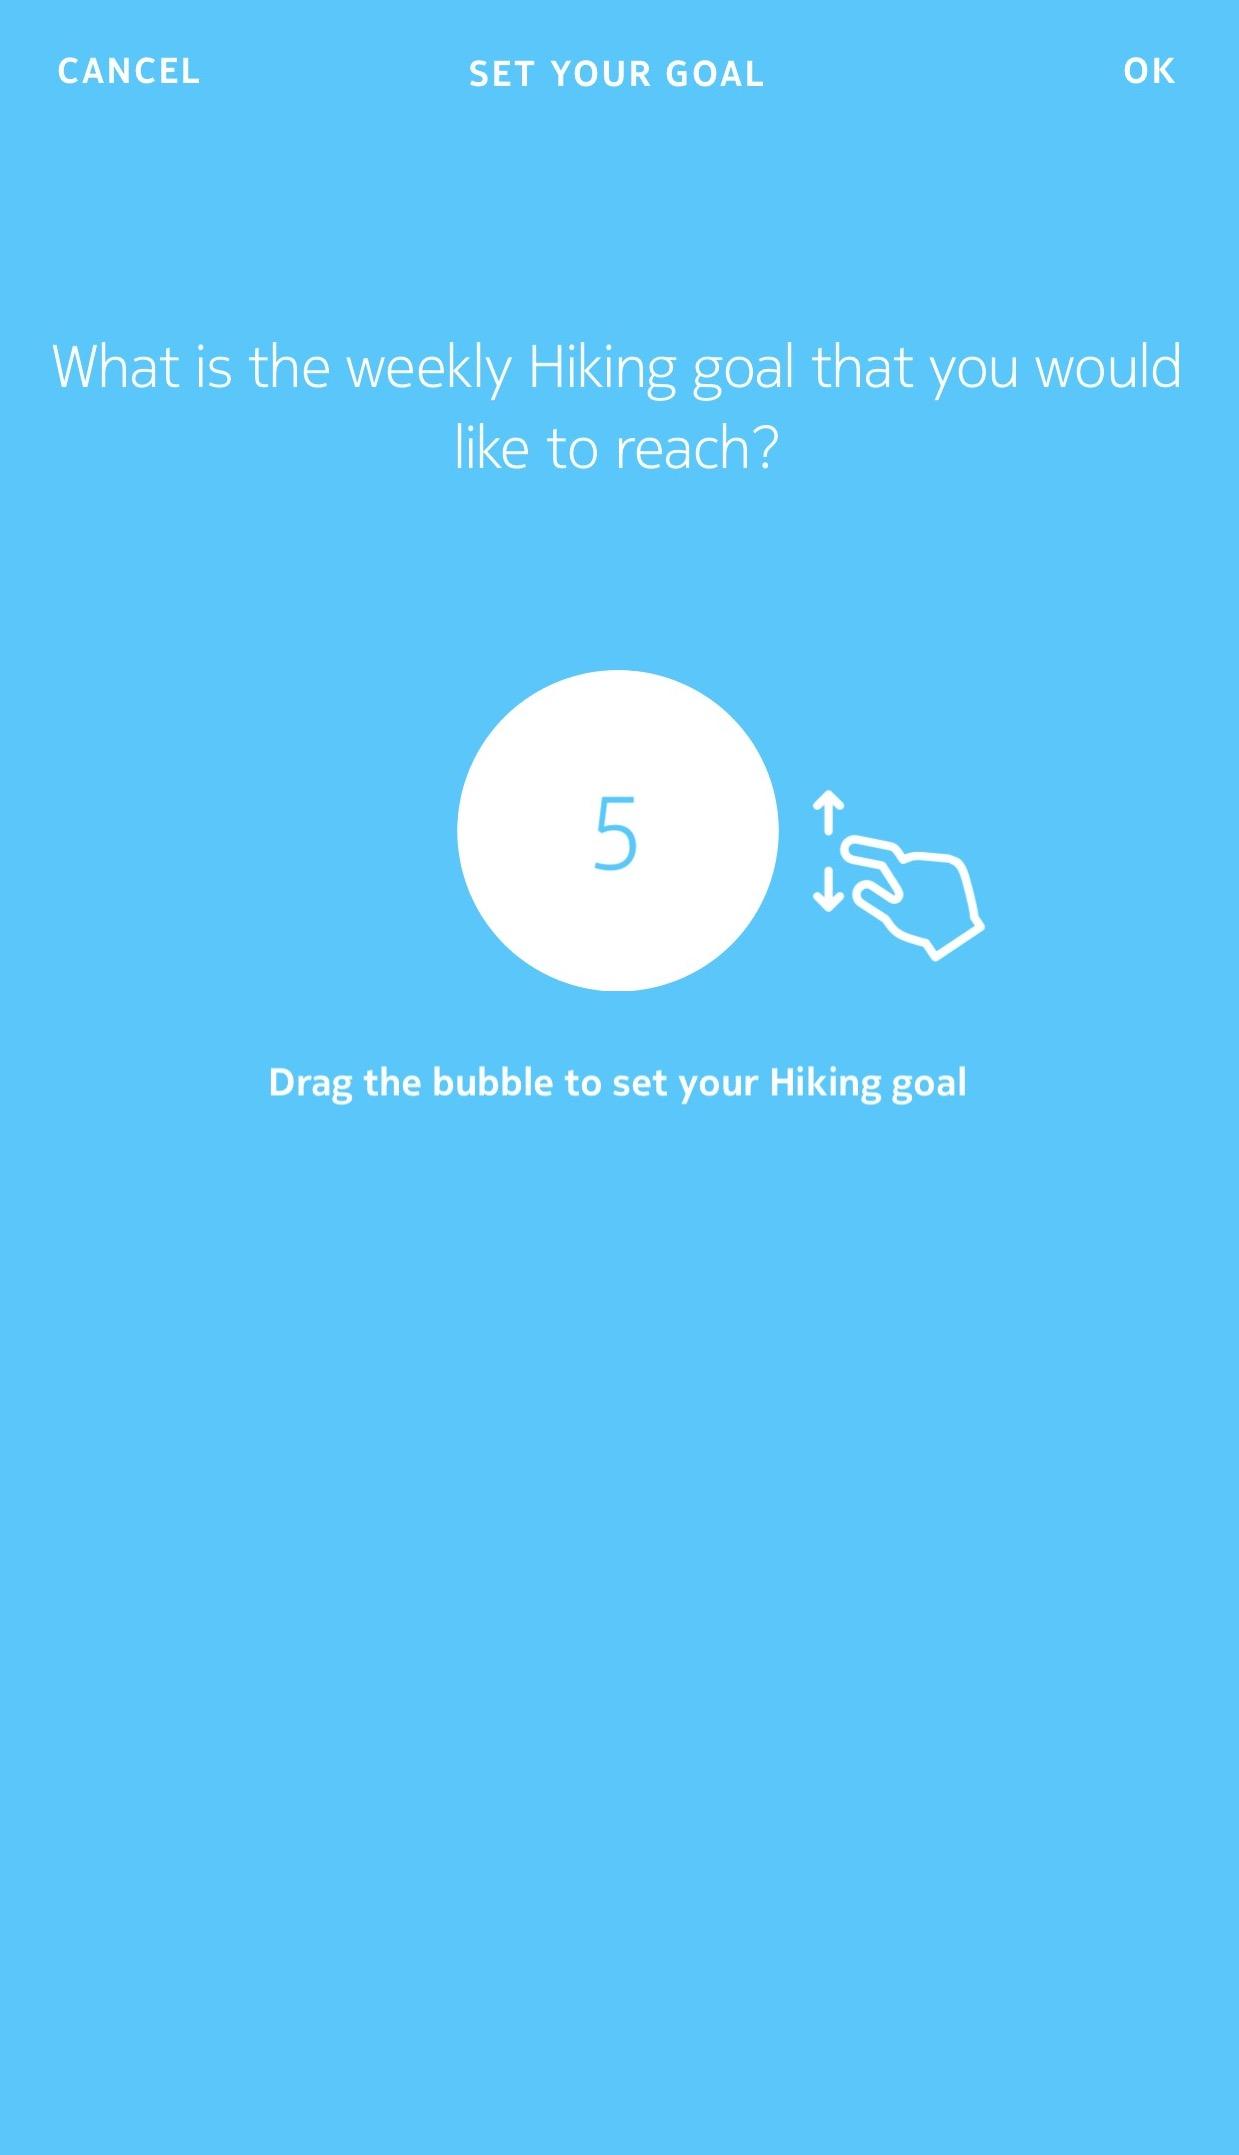 Set-activity-goal.jpg